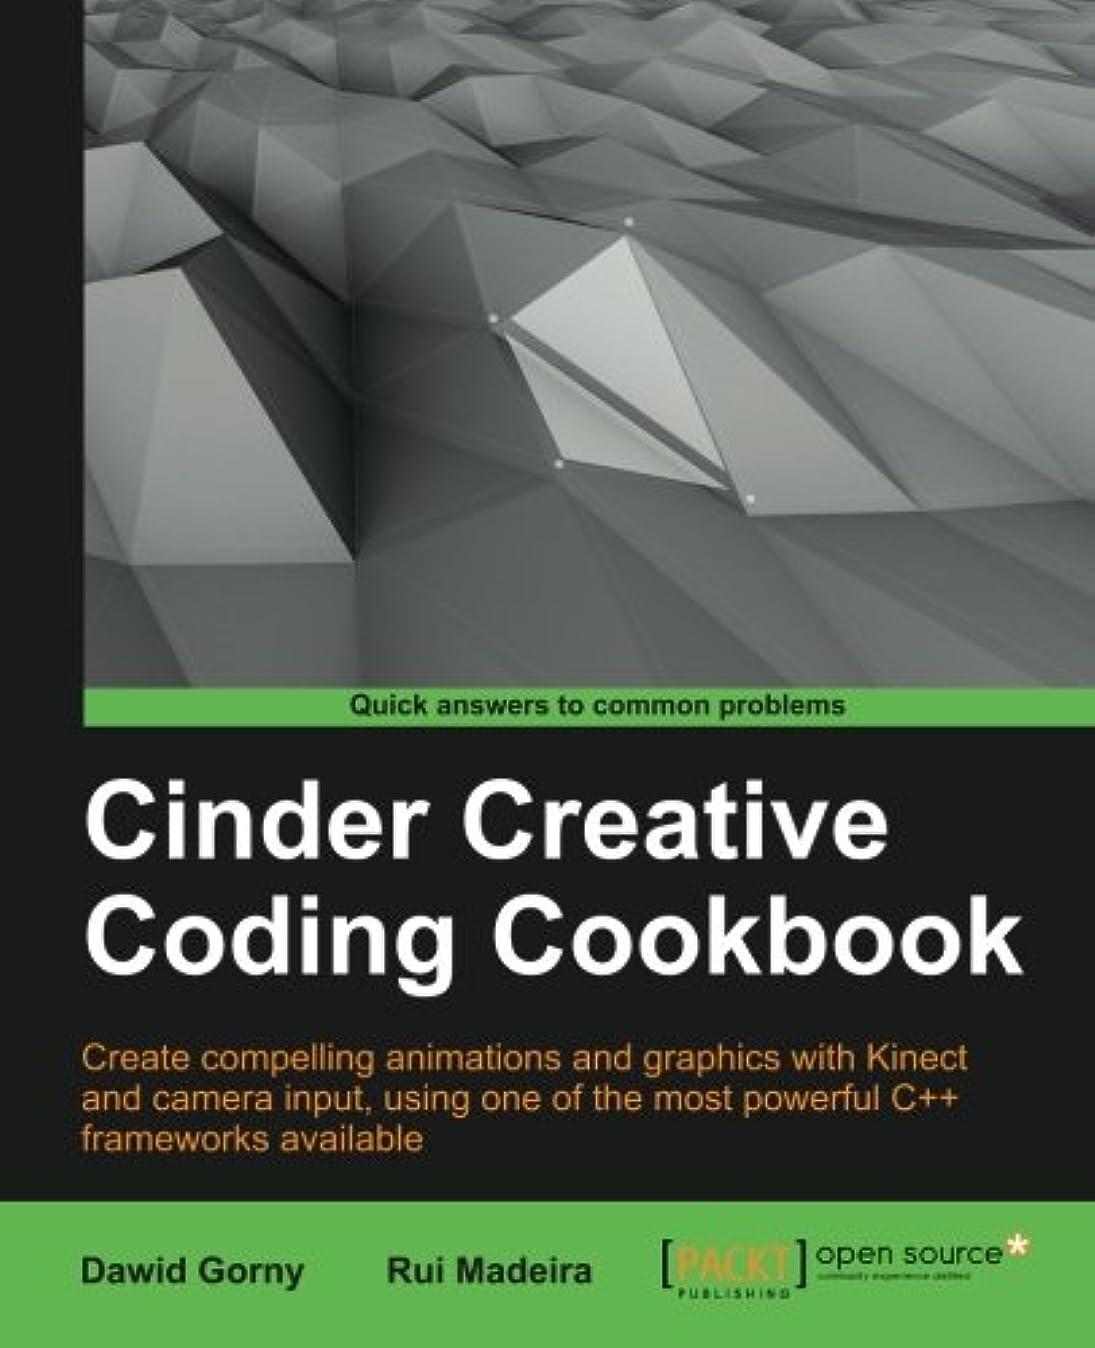 オーバードロー飛ぶホールドCinder Creative Coding Cookbook: Create Compelling Animations and Graphics With Kinect and Camera Input, Using One of the Most Powerful C++ Frameworks Available